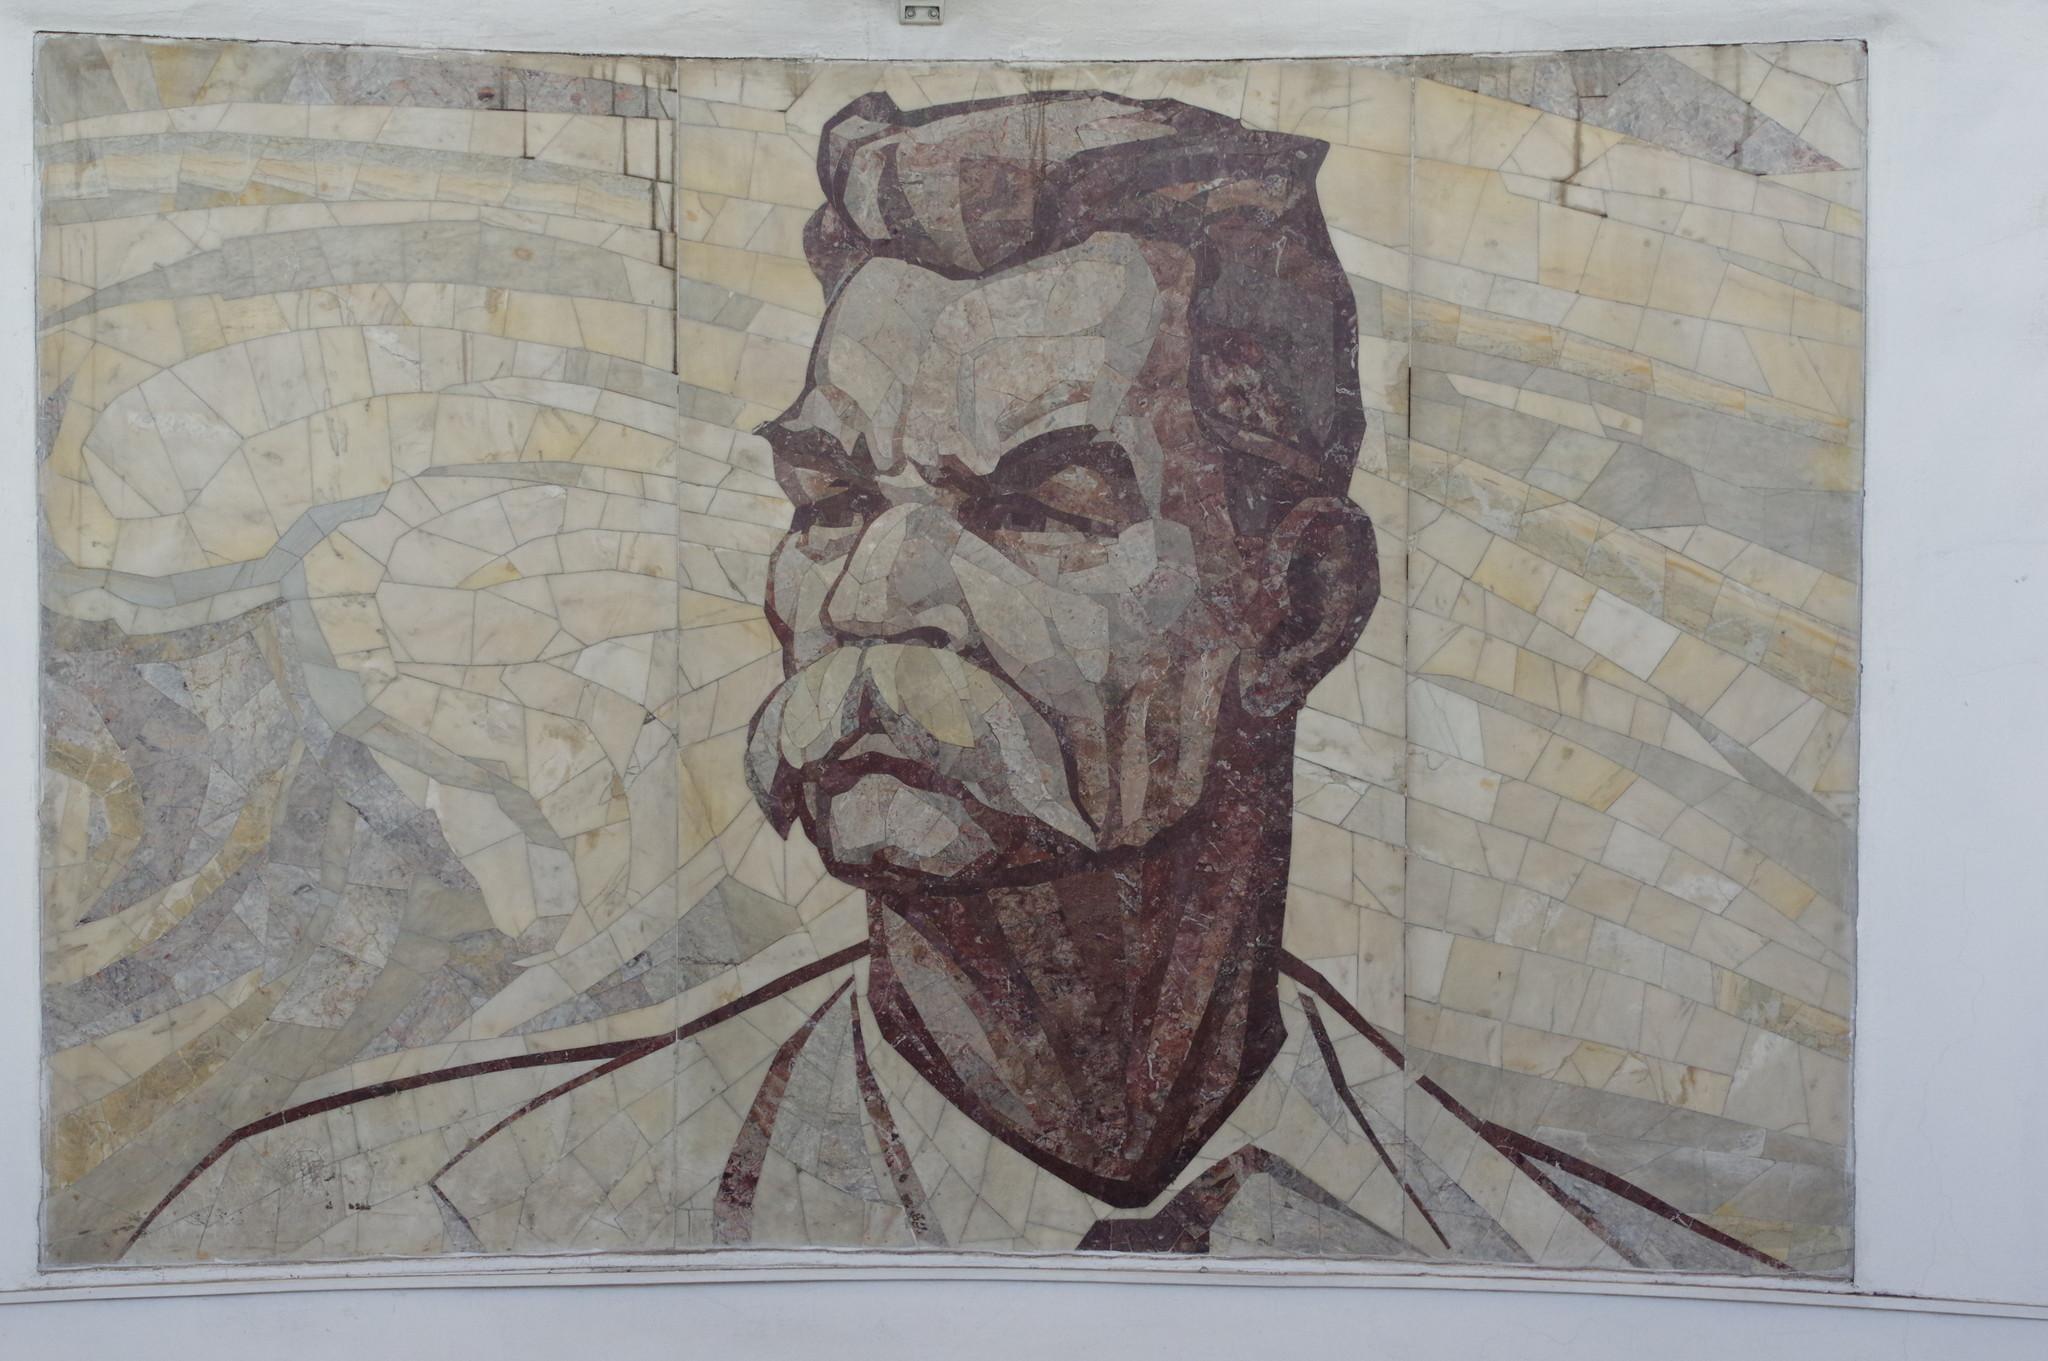 Северный вестибюль станции «Парк культуры» украшен мозаичным панно с изображением Максима Горького